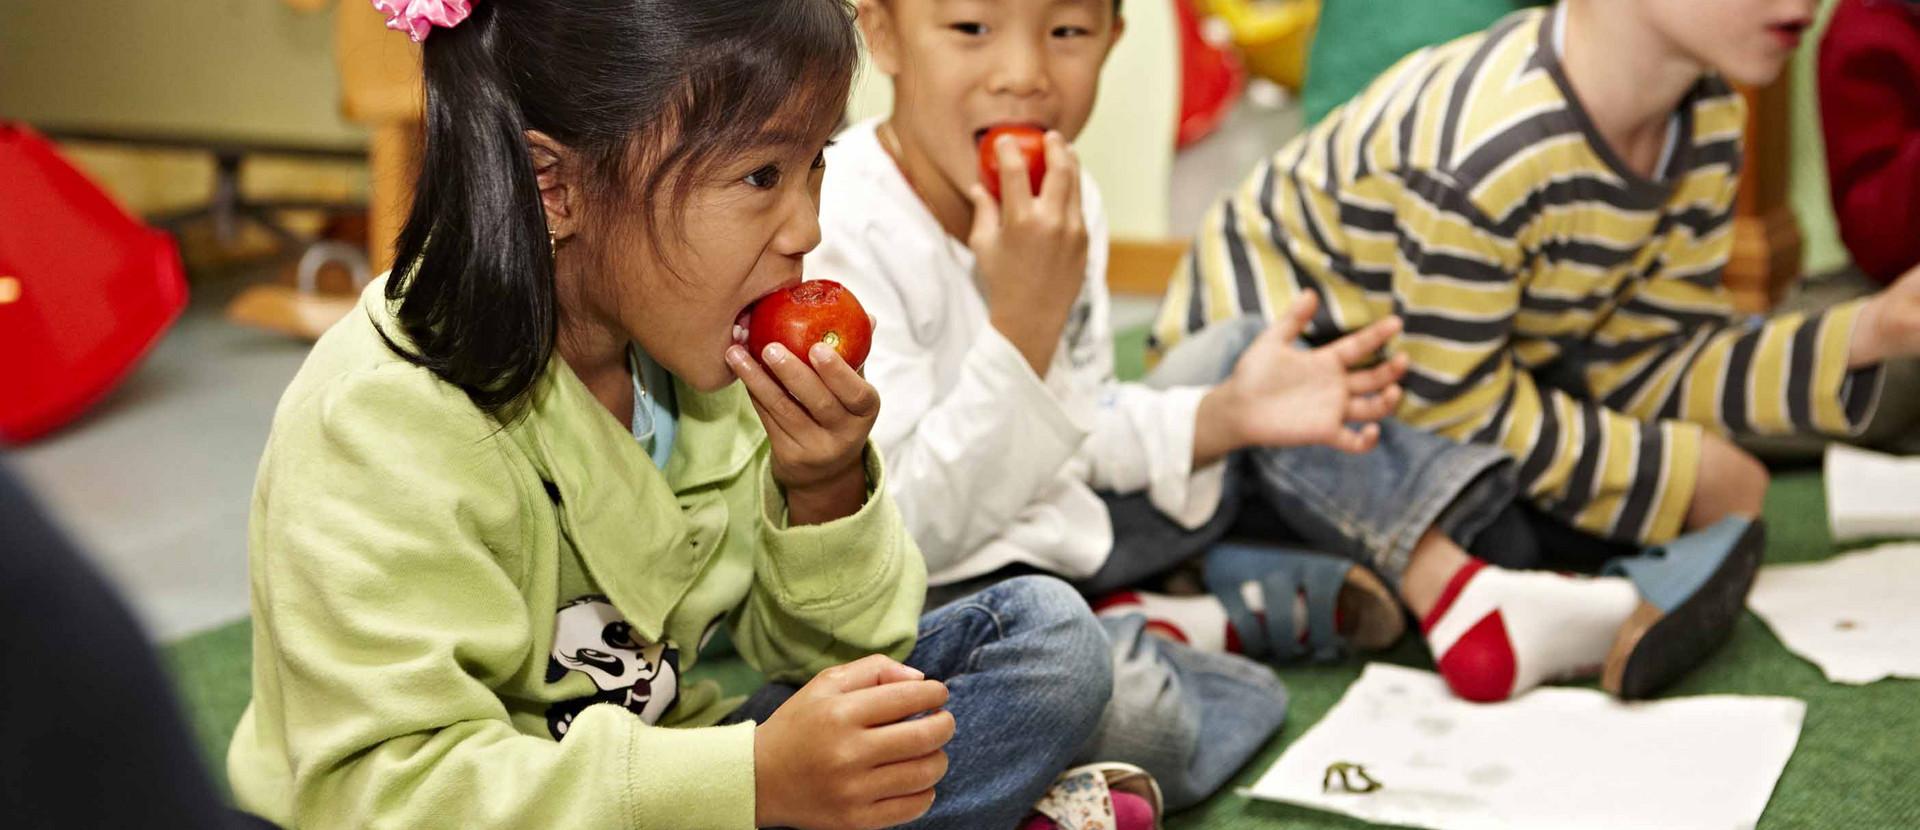 Kinder sitzen am Boden und kosten Tomaten